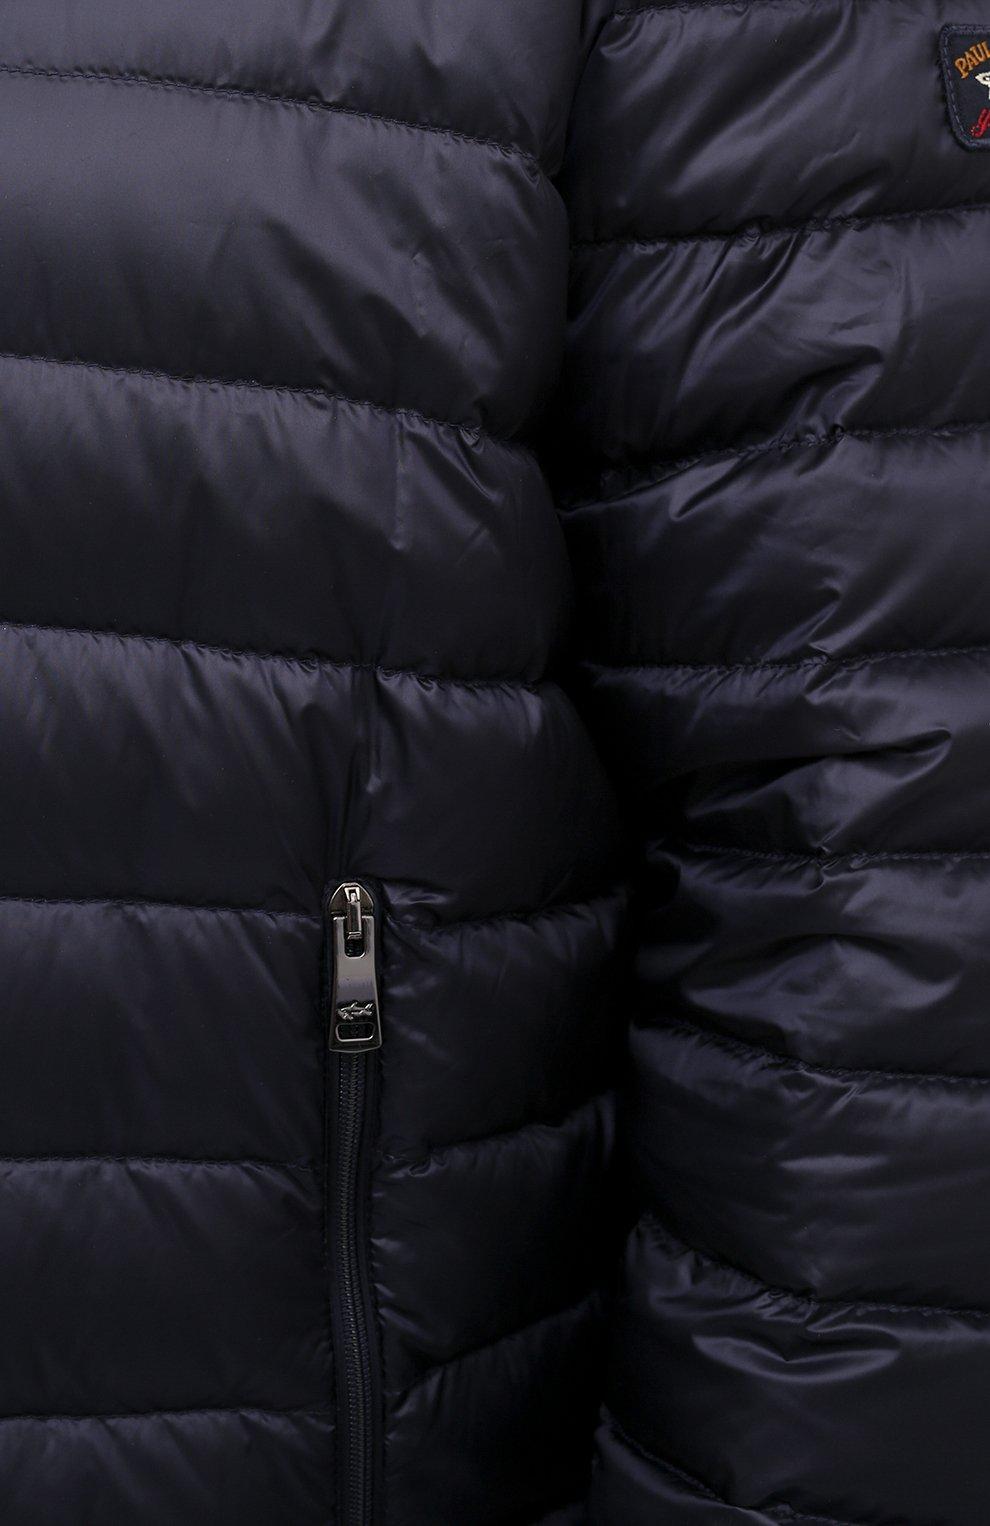 Мужская пуховая куртка PAUL&SHARK синего цвета, арт. C0P2008/GTX/3XL-6XL | Фото 5 (Кросс-КТ: Куртка, Пуховик; Мужское Кросс-КТ: пуховик-короткий, Пуховик-верхняя одежда, Верхняя одежда; Рукава: Длинные; Материал внешний: Синтетический материал; Материал подклада: Синтетический материал; Длина (верхняя одежда): Короткие; Материал утеплителя: Пух и перо; Стили: Кэжуэл)